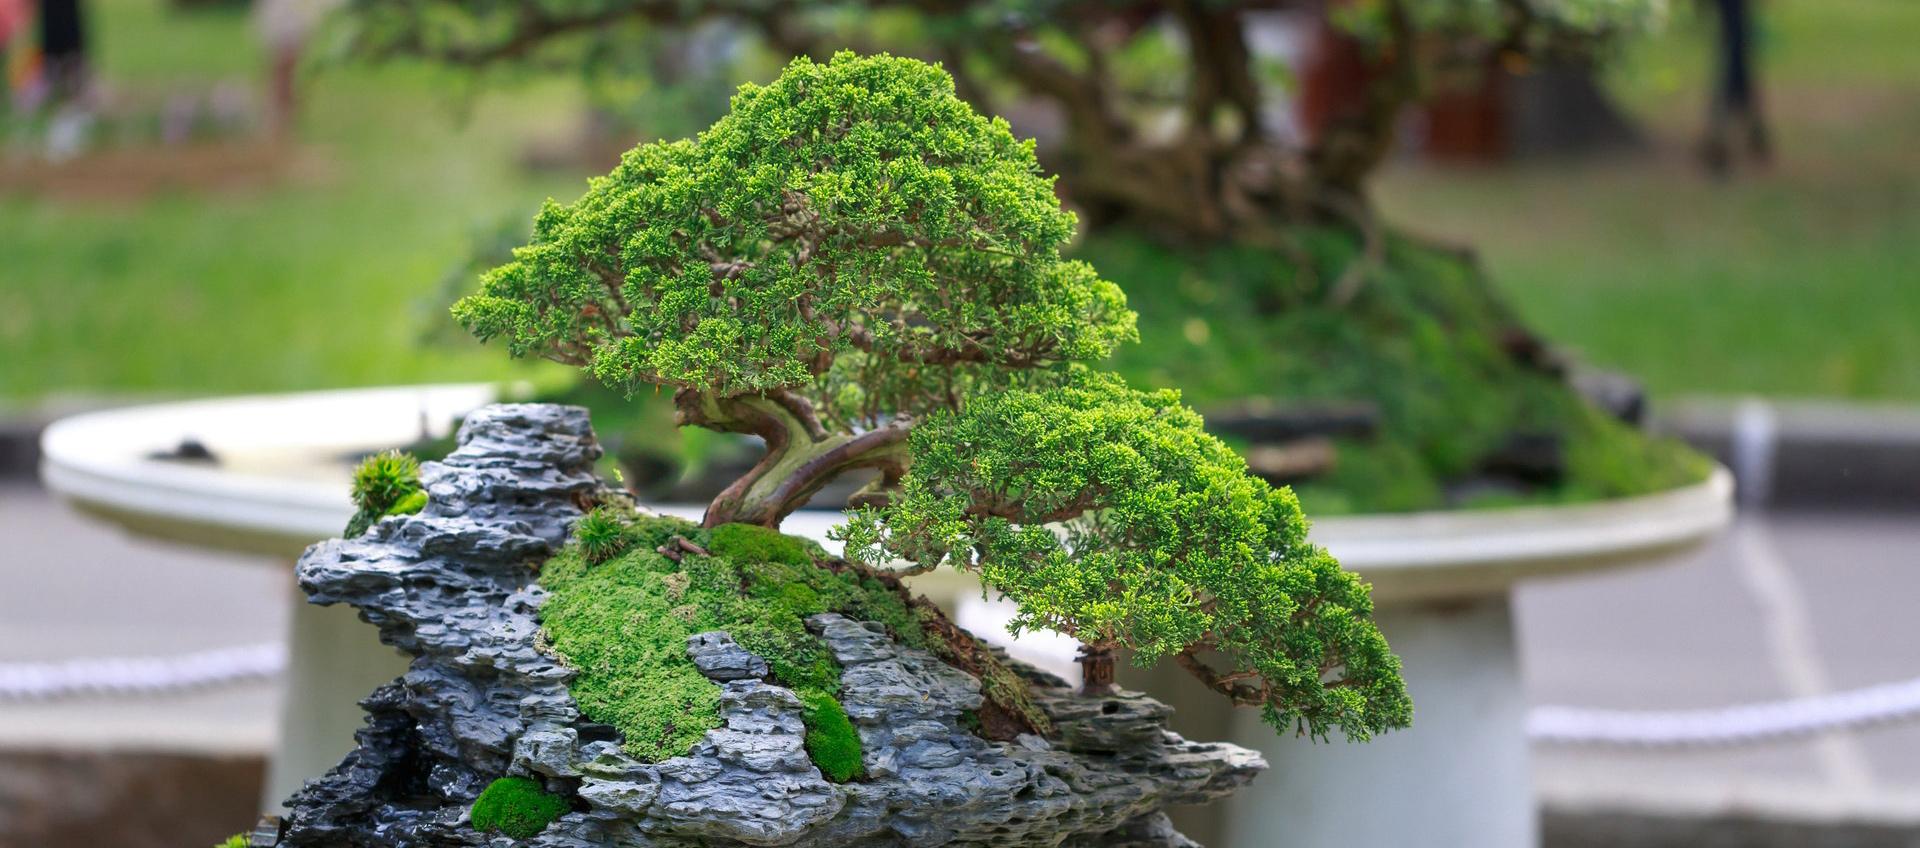 green-bonzai-tree-on-table-2149105